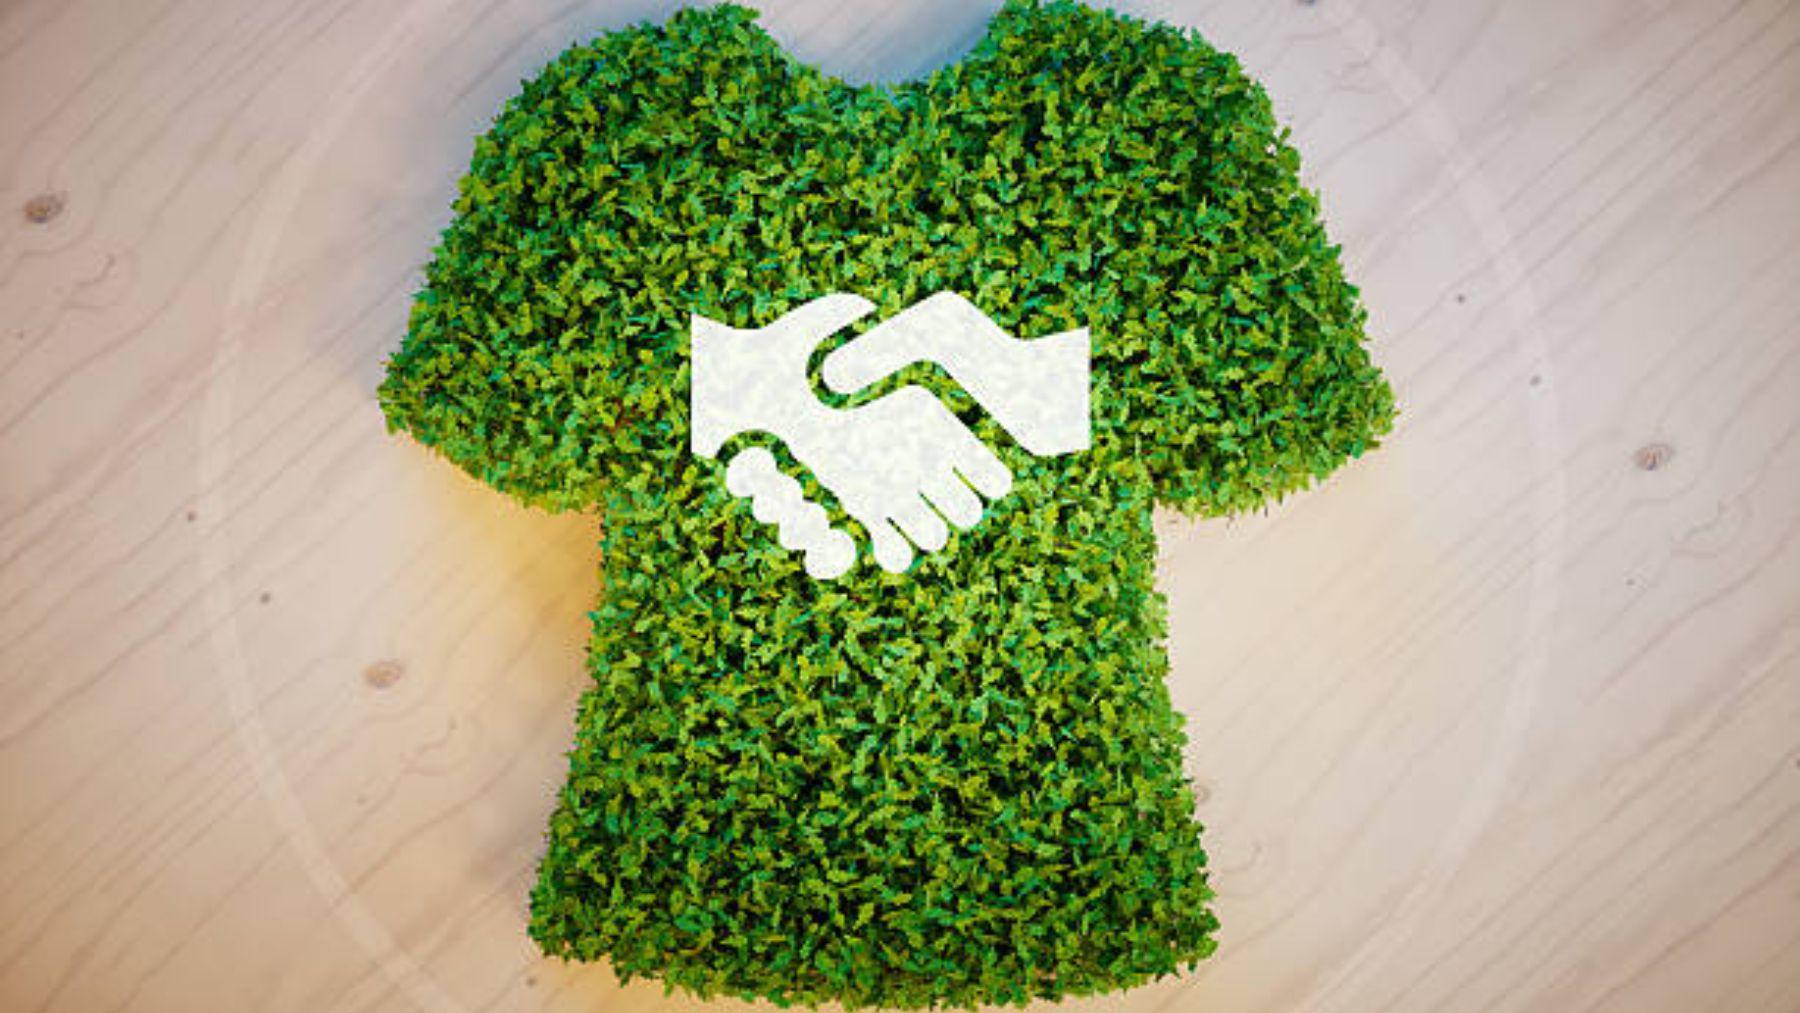 Conozcamos mejor qué son y de dónde salen los tejidos eco-sostenibles